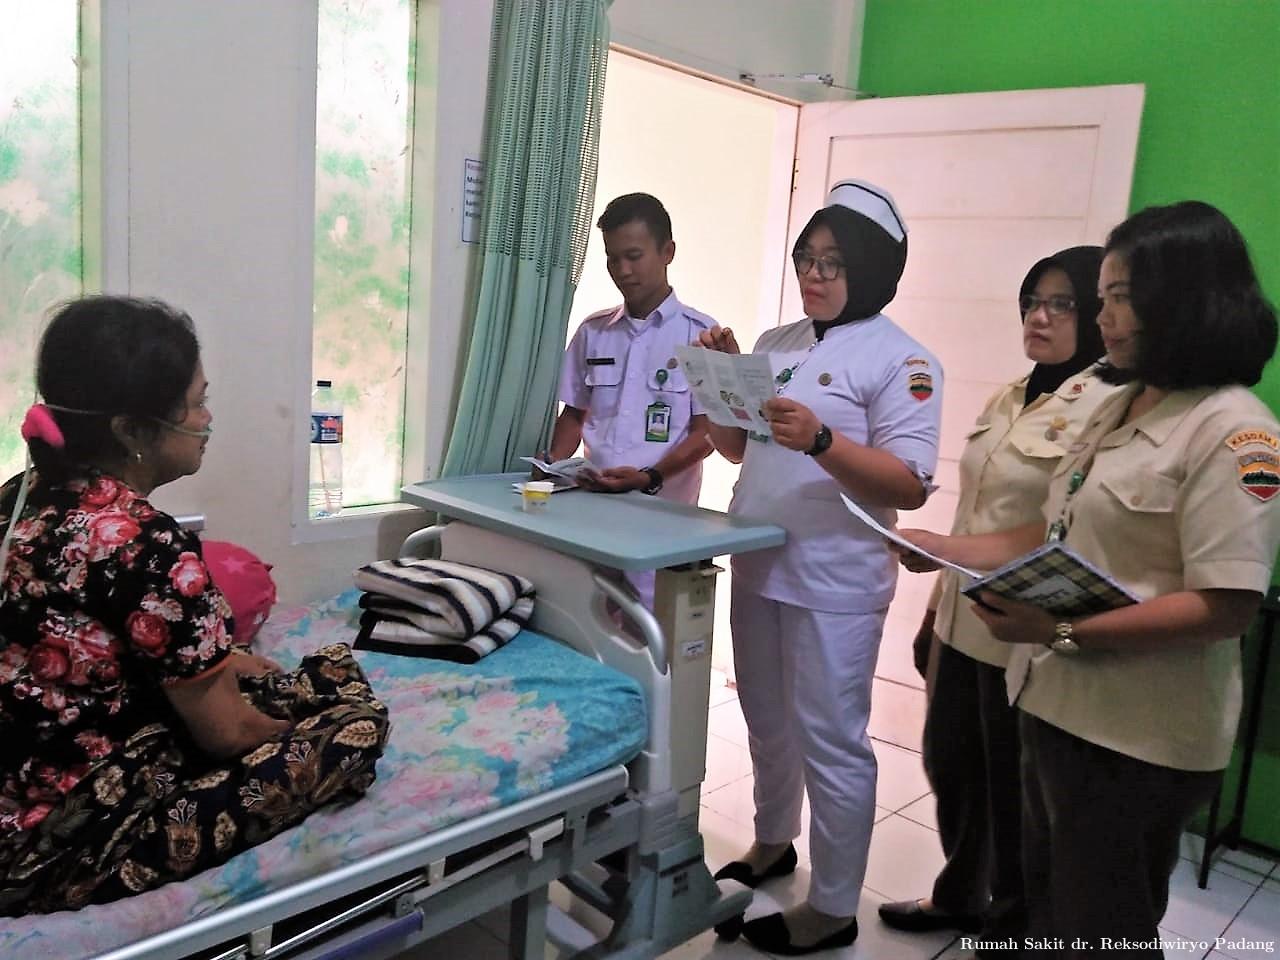 Promosi Kesehatan Rumah Sakit (PKRS) - (Ada 0 foto)